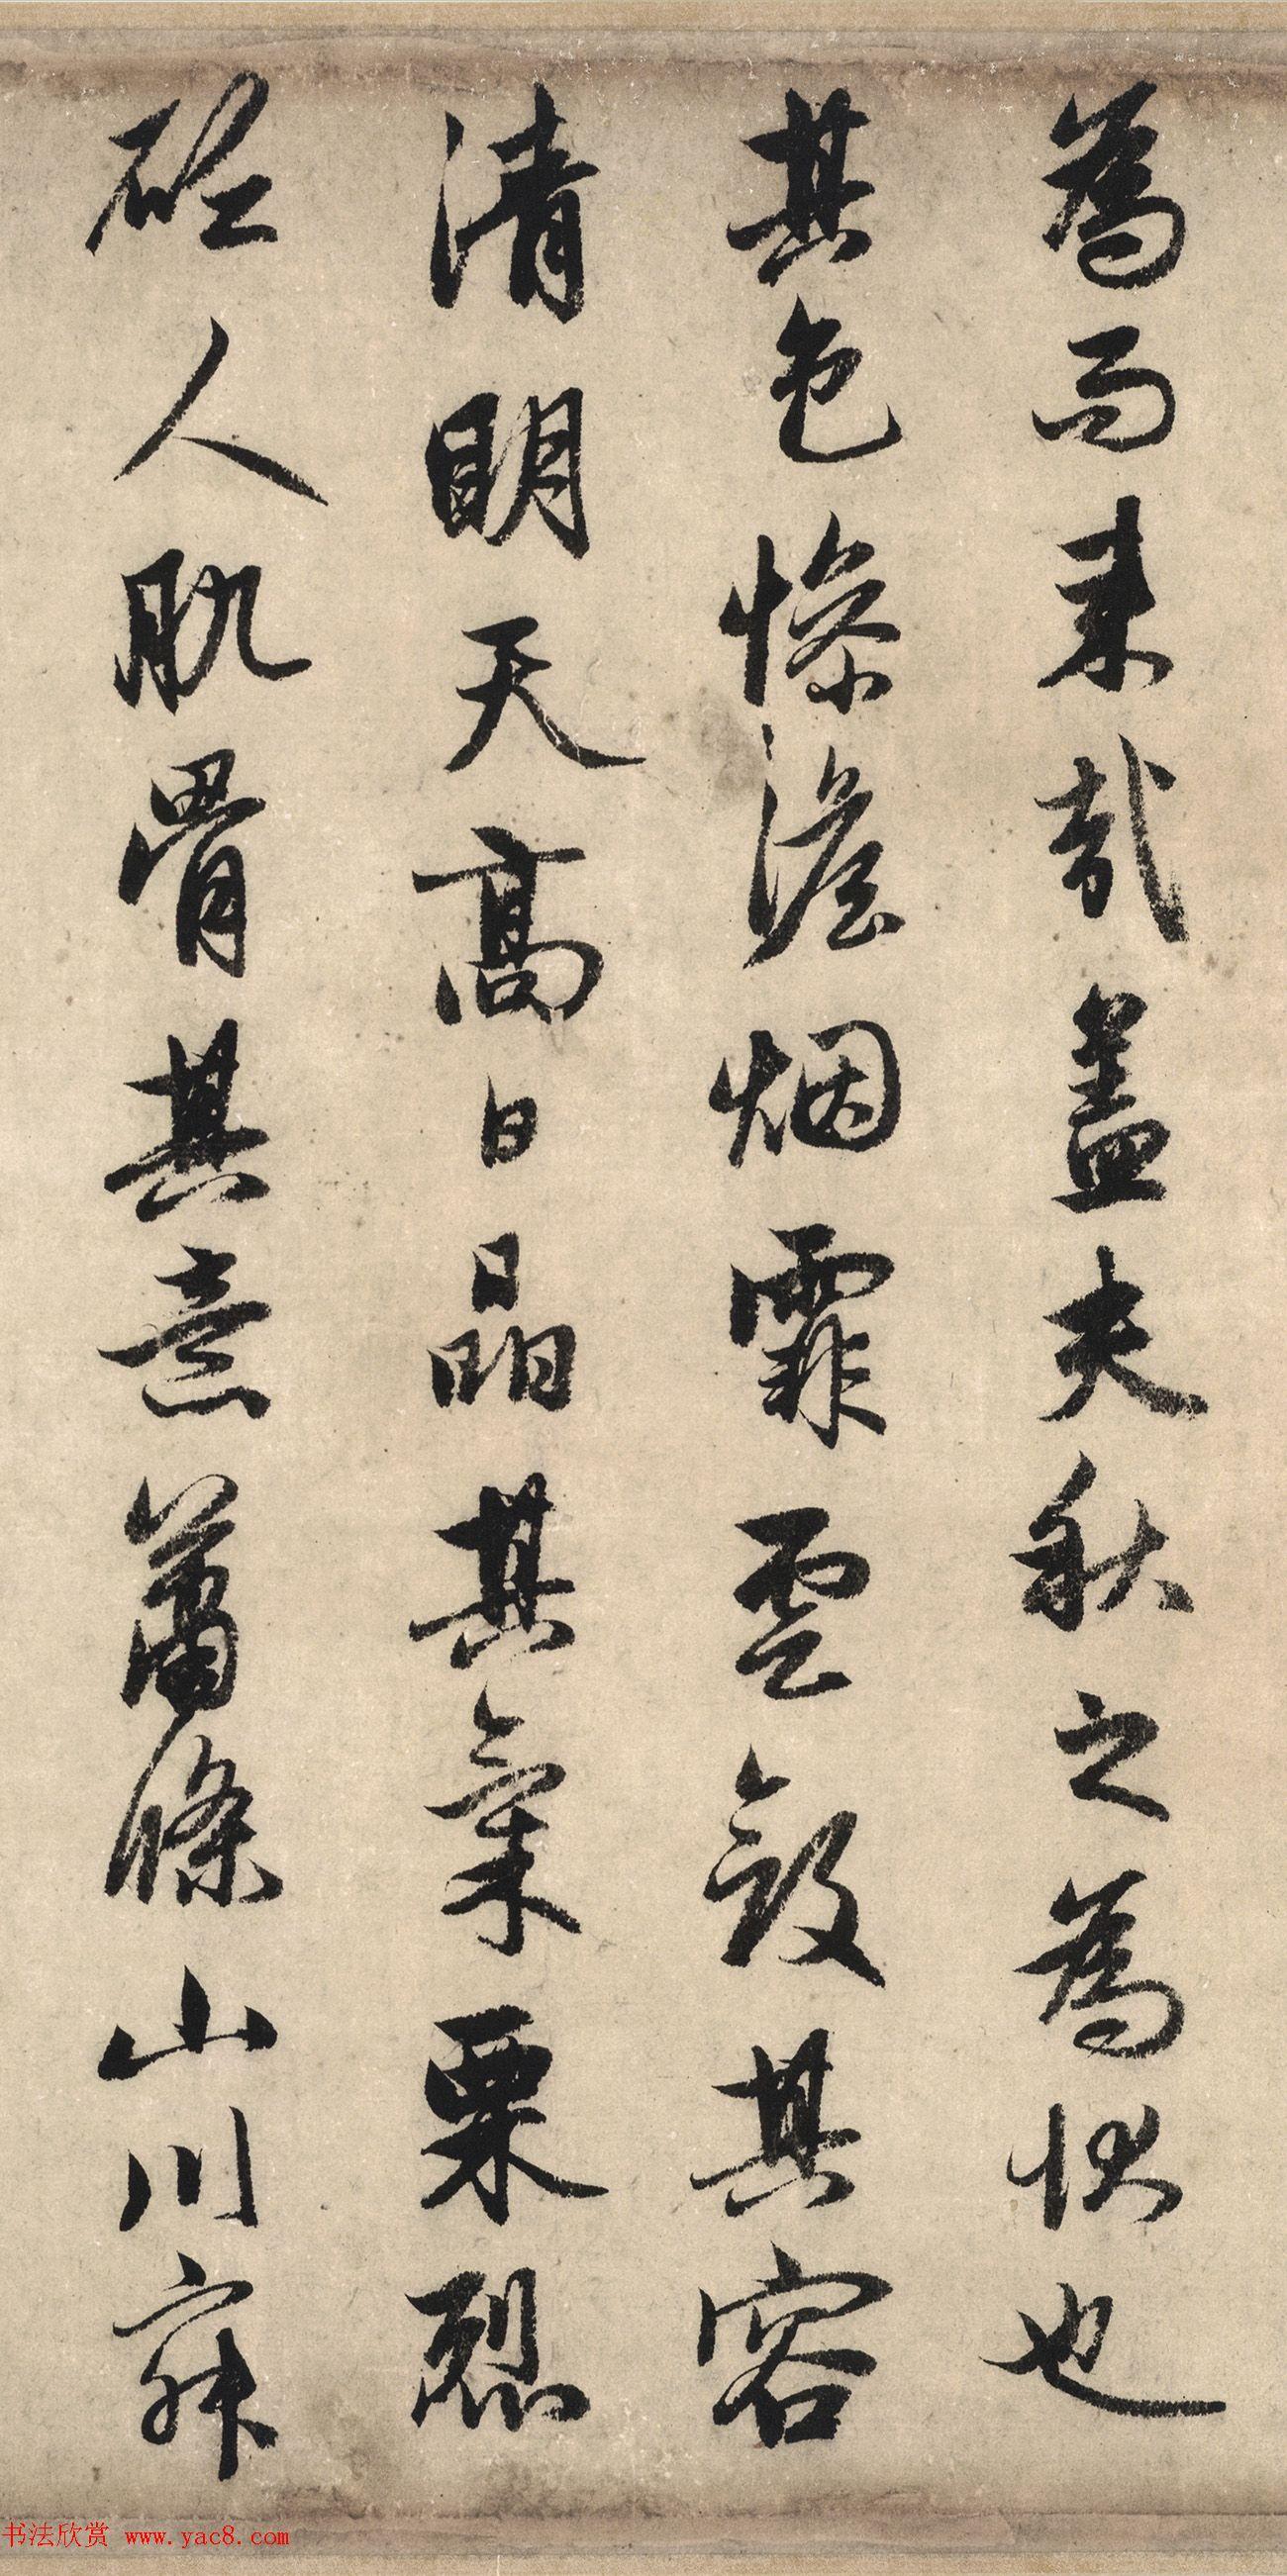 赵孟頫行书《欧阳修秋声赋卷》